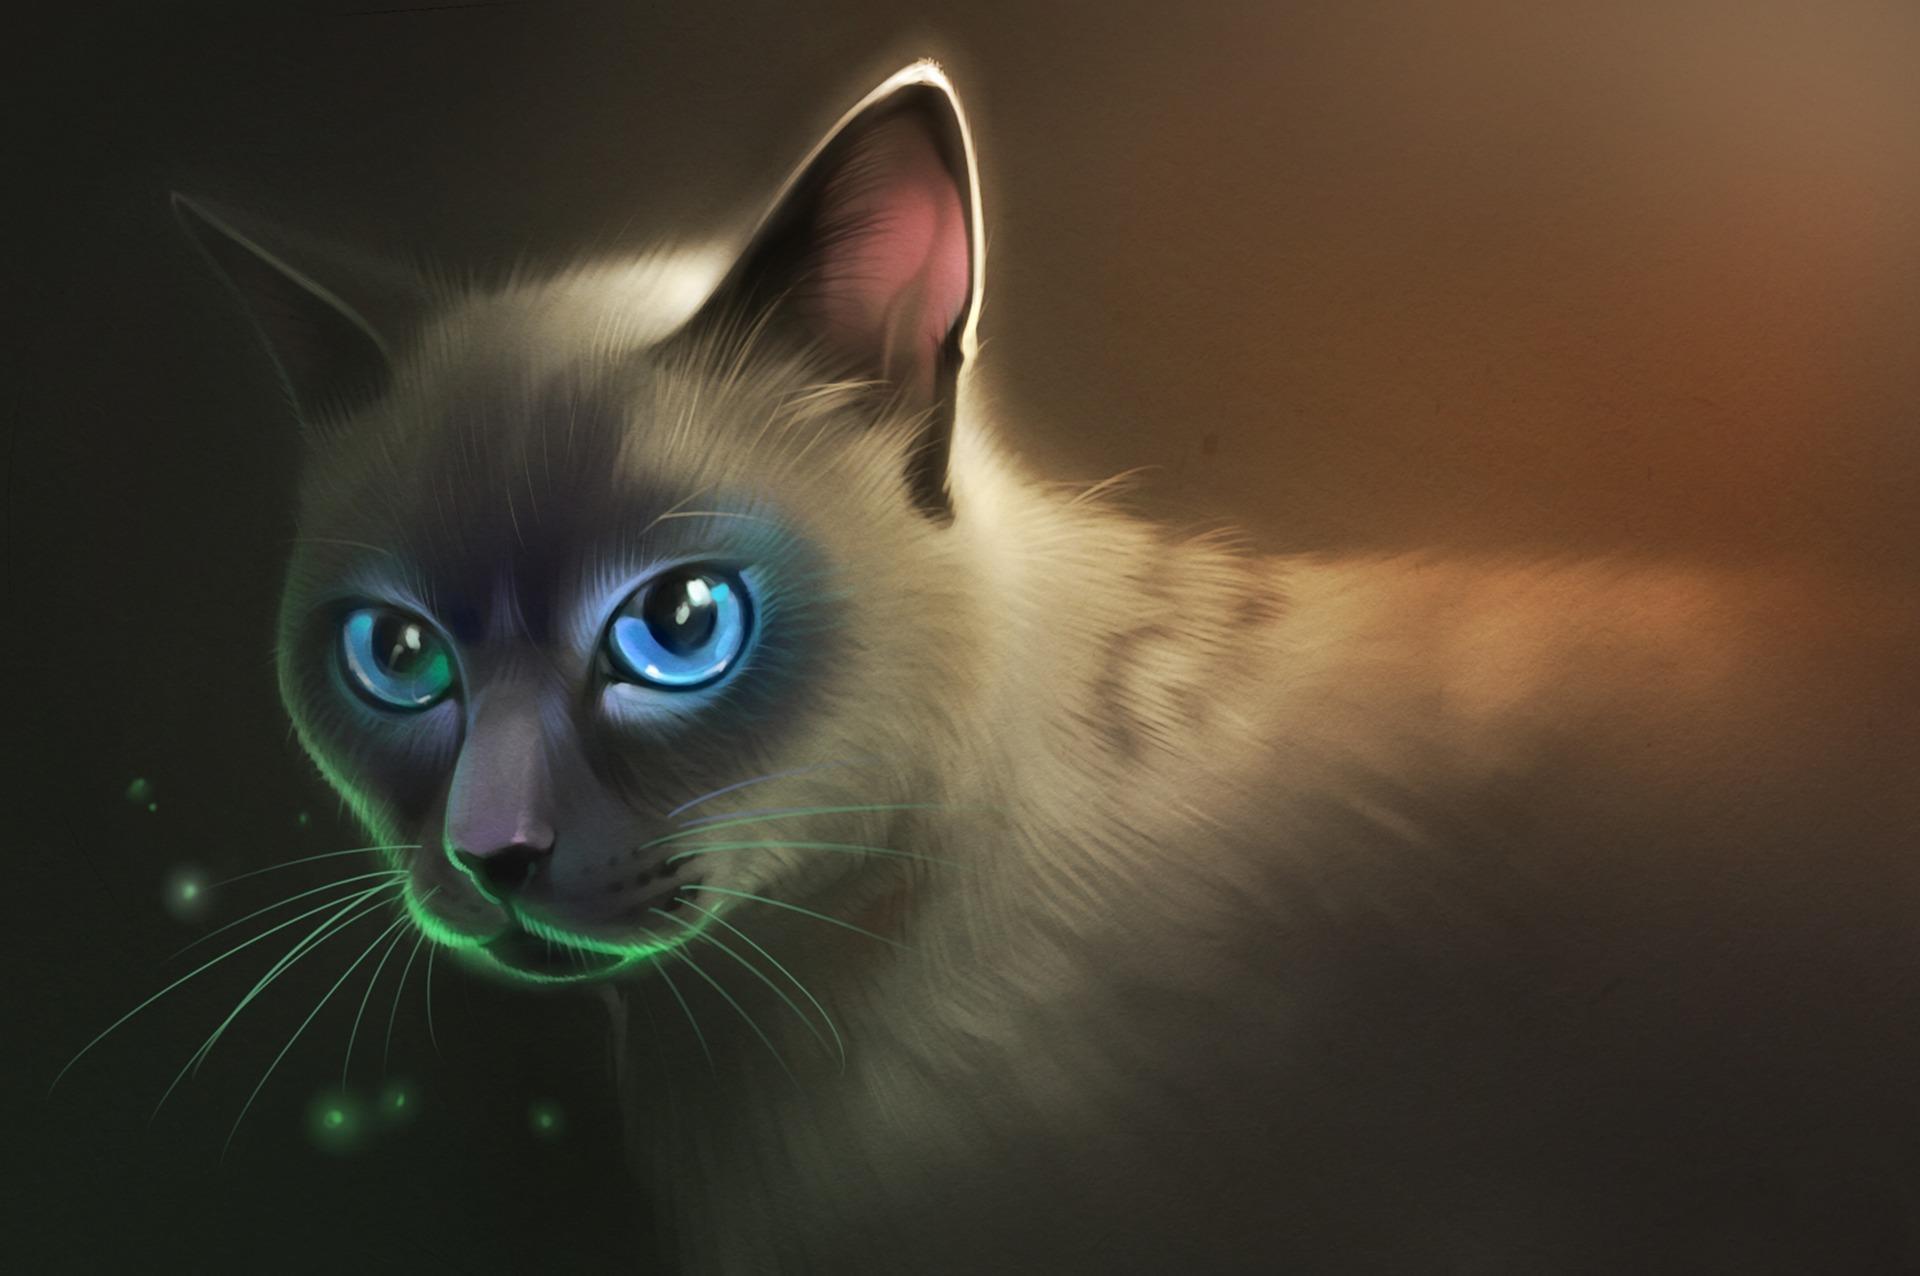 смотреть картинки арт кошки